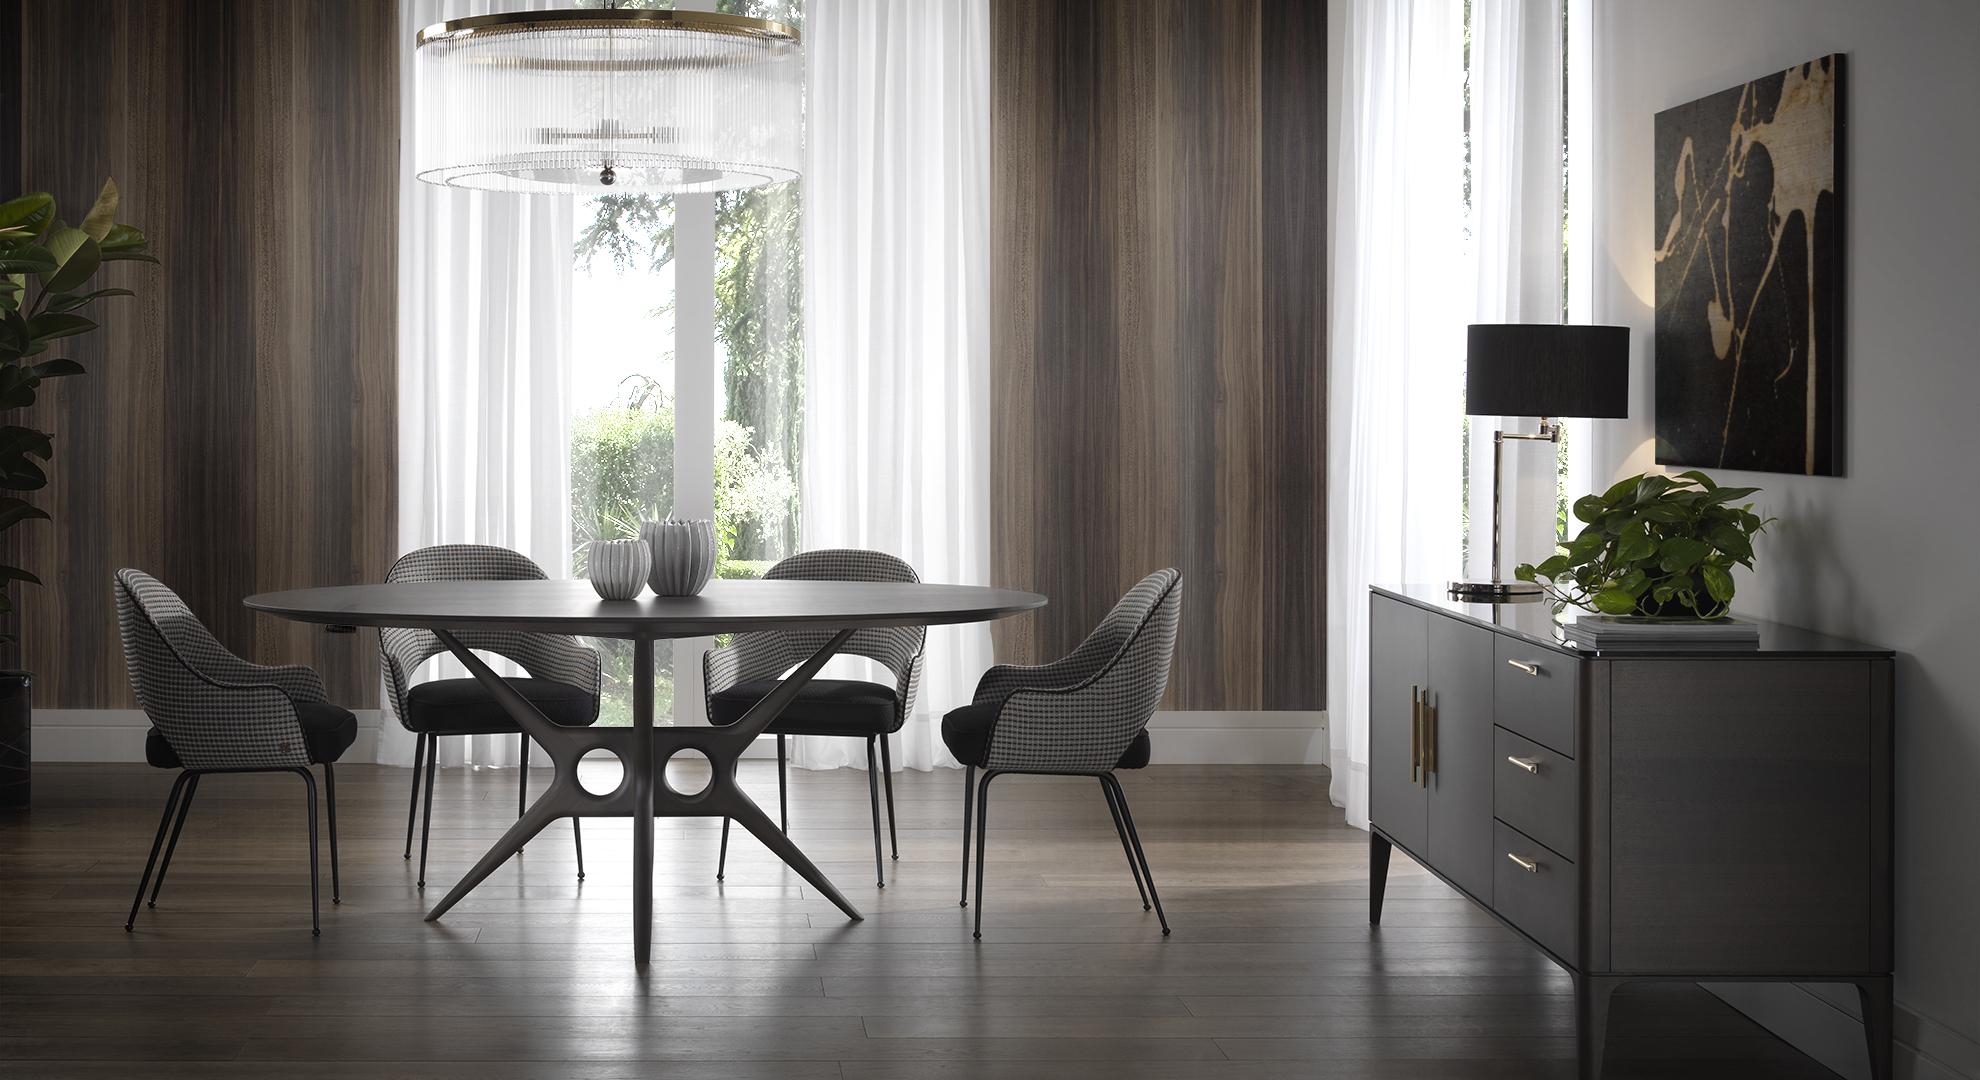 Arredare casa in stile contemporaneo giocando su contrasti for Stile contemporaneo casa